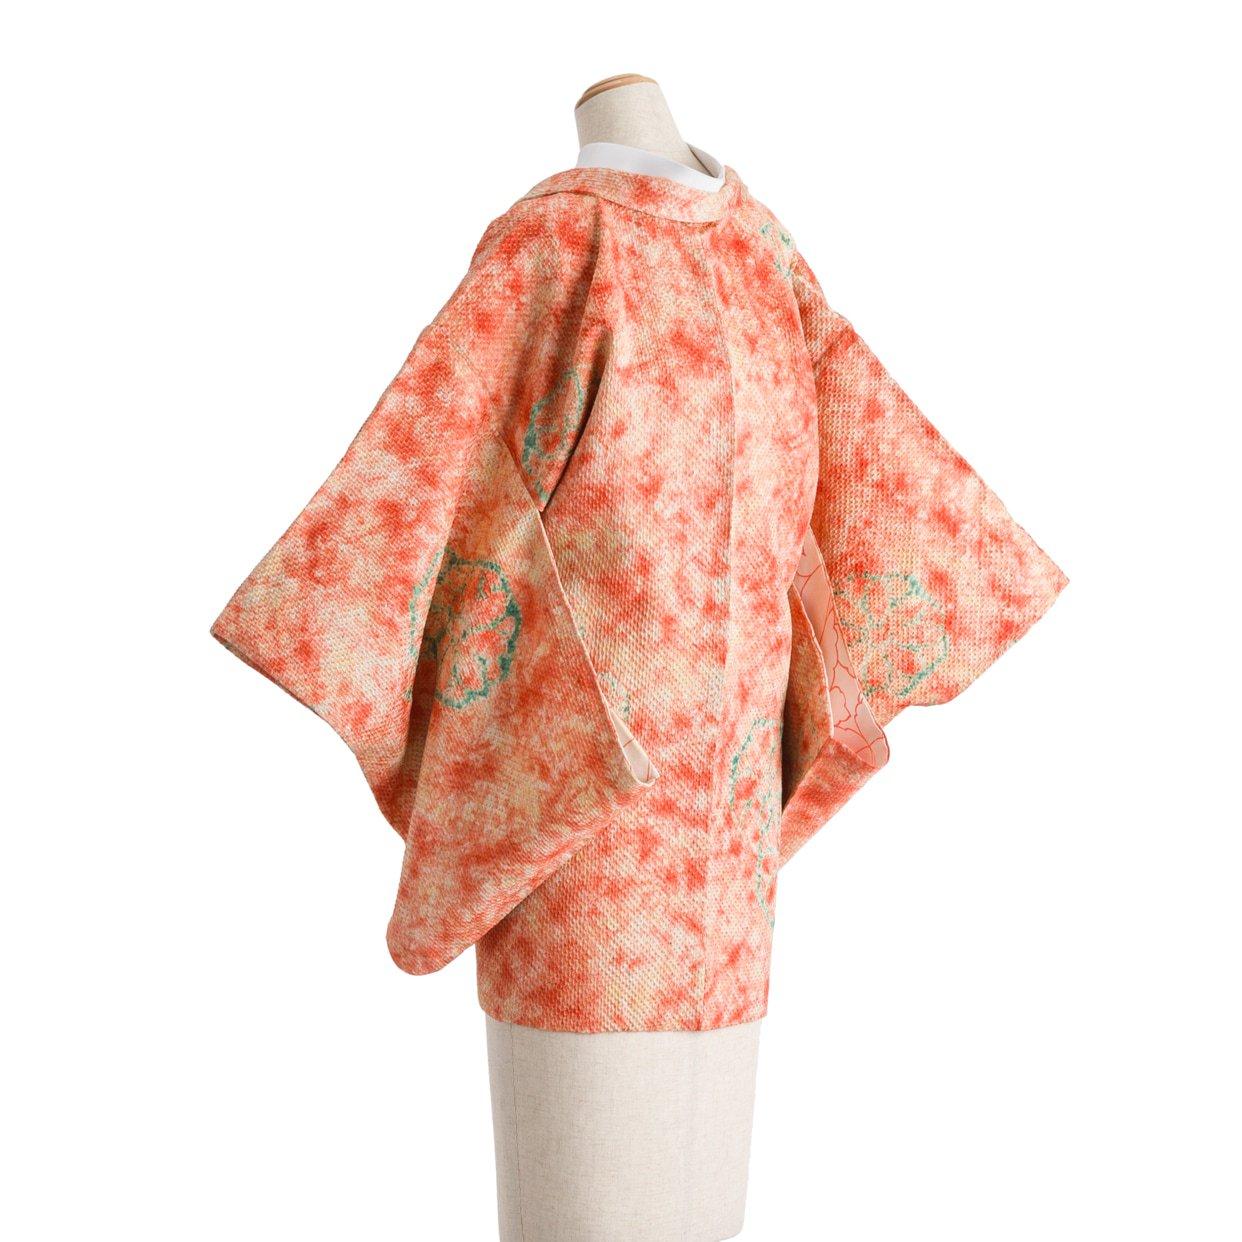 「総絞り 翡翠色の花」の商品画像